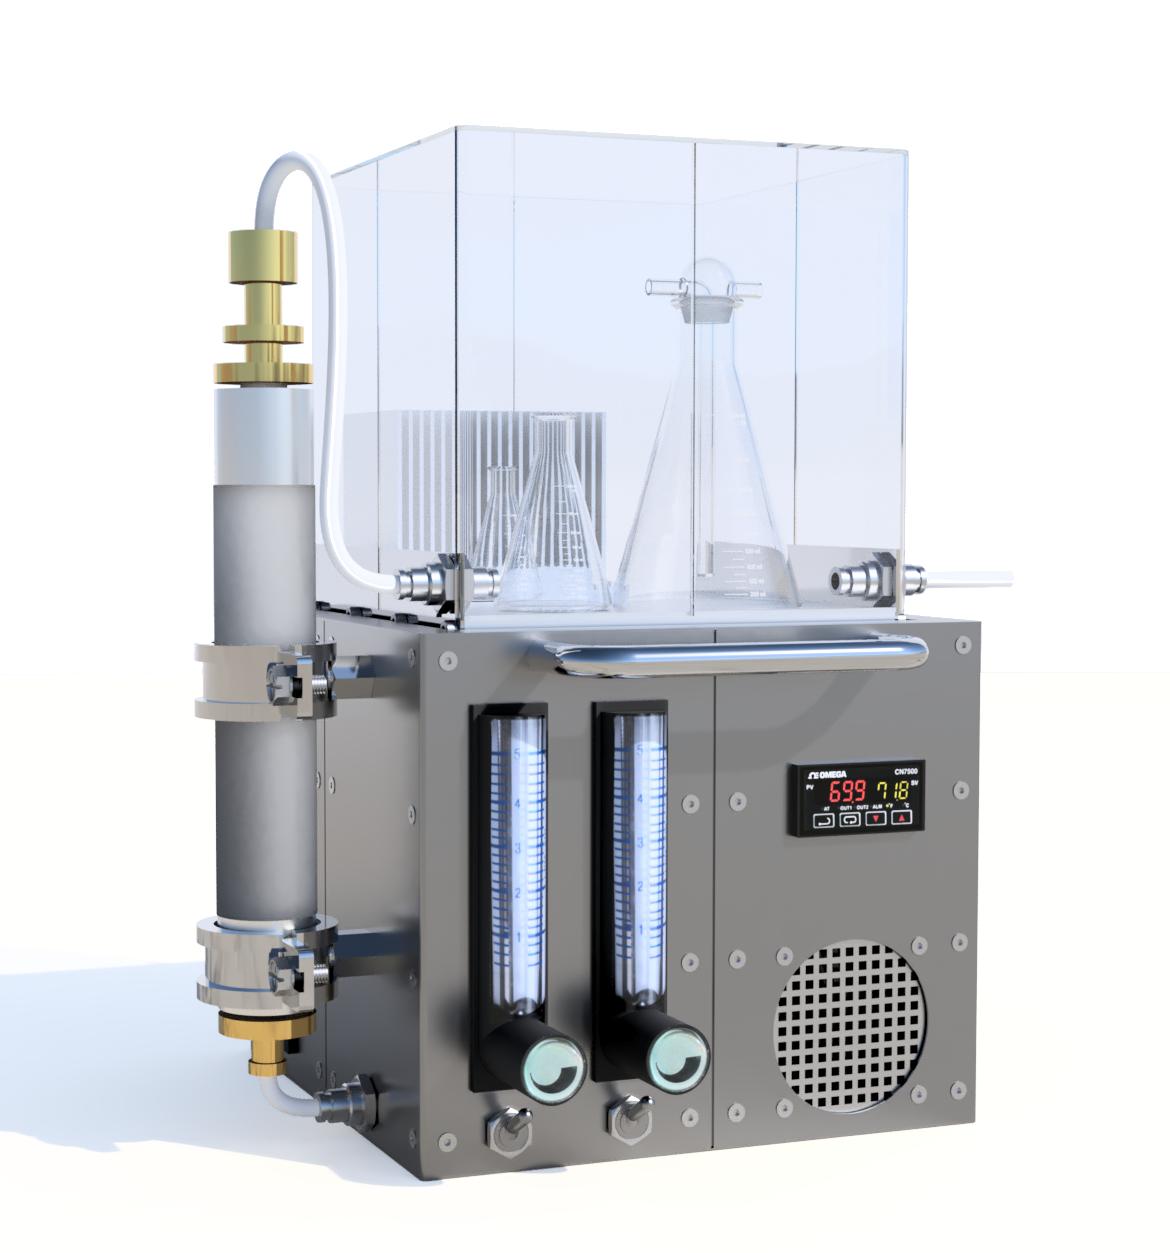 generador de humedad v5.png